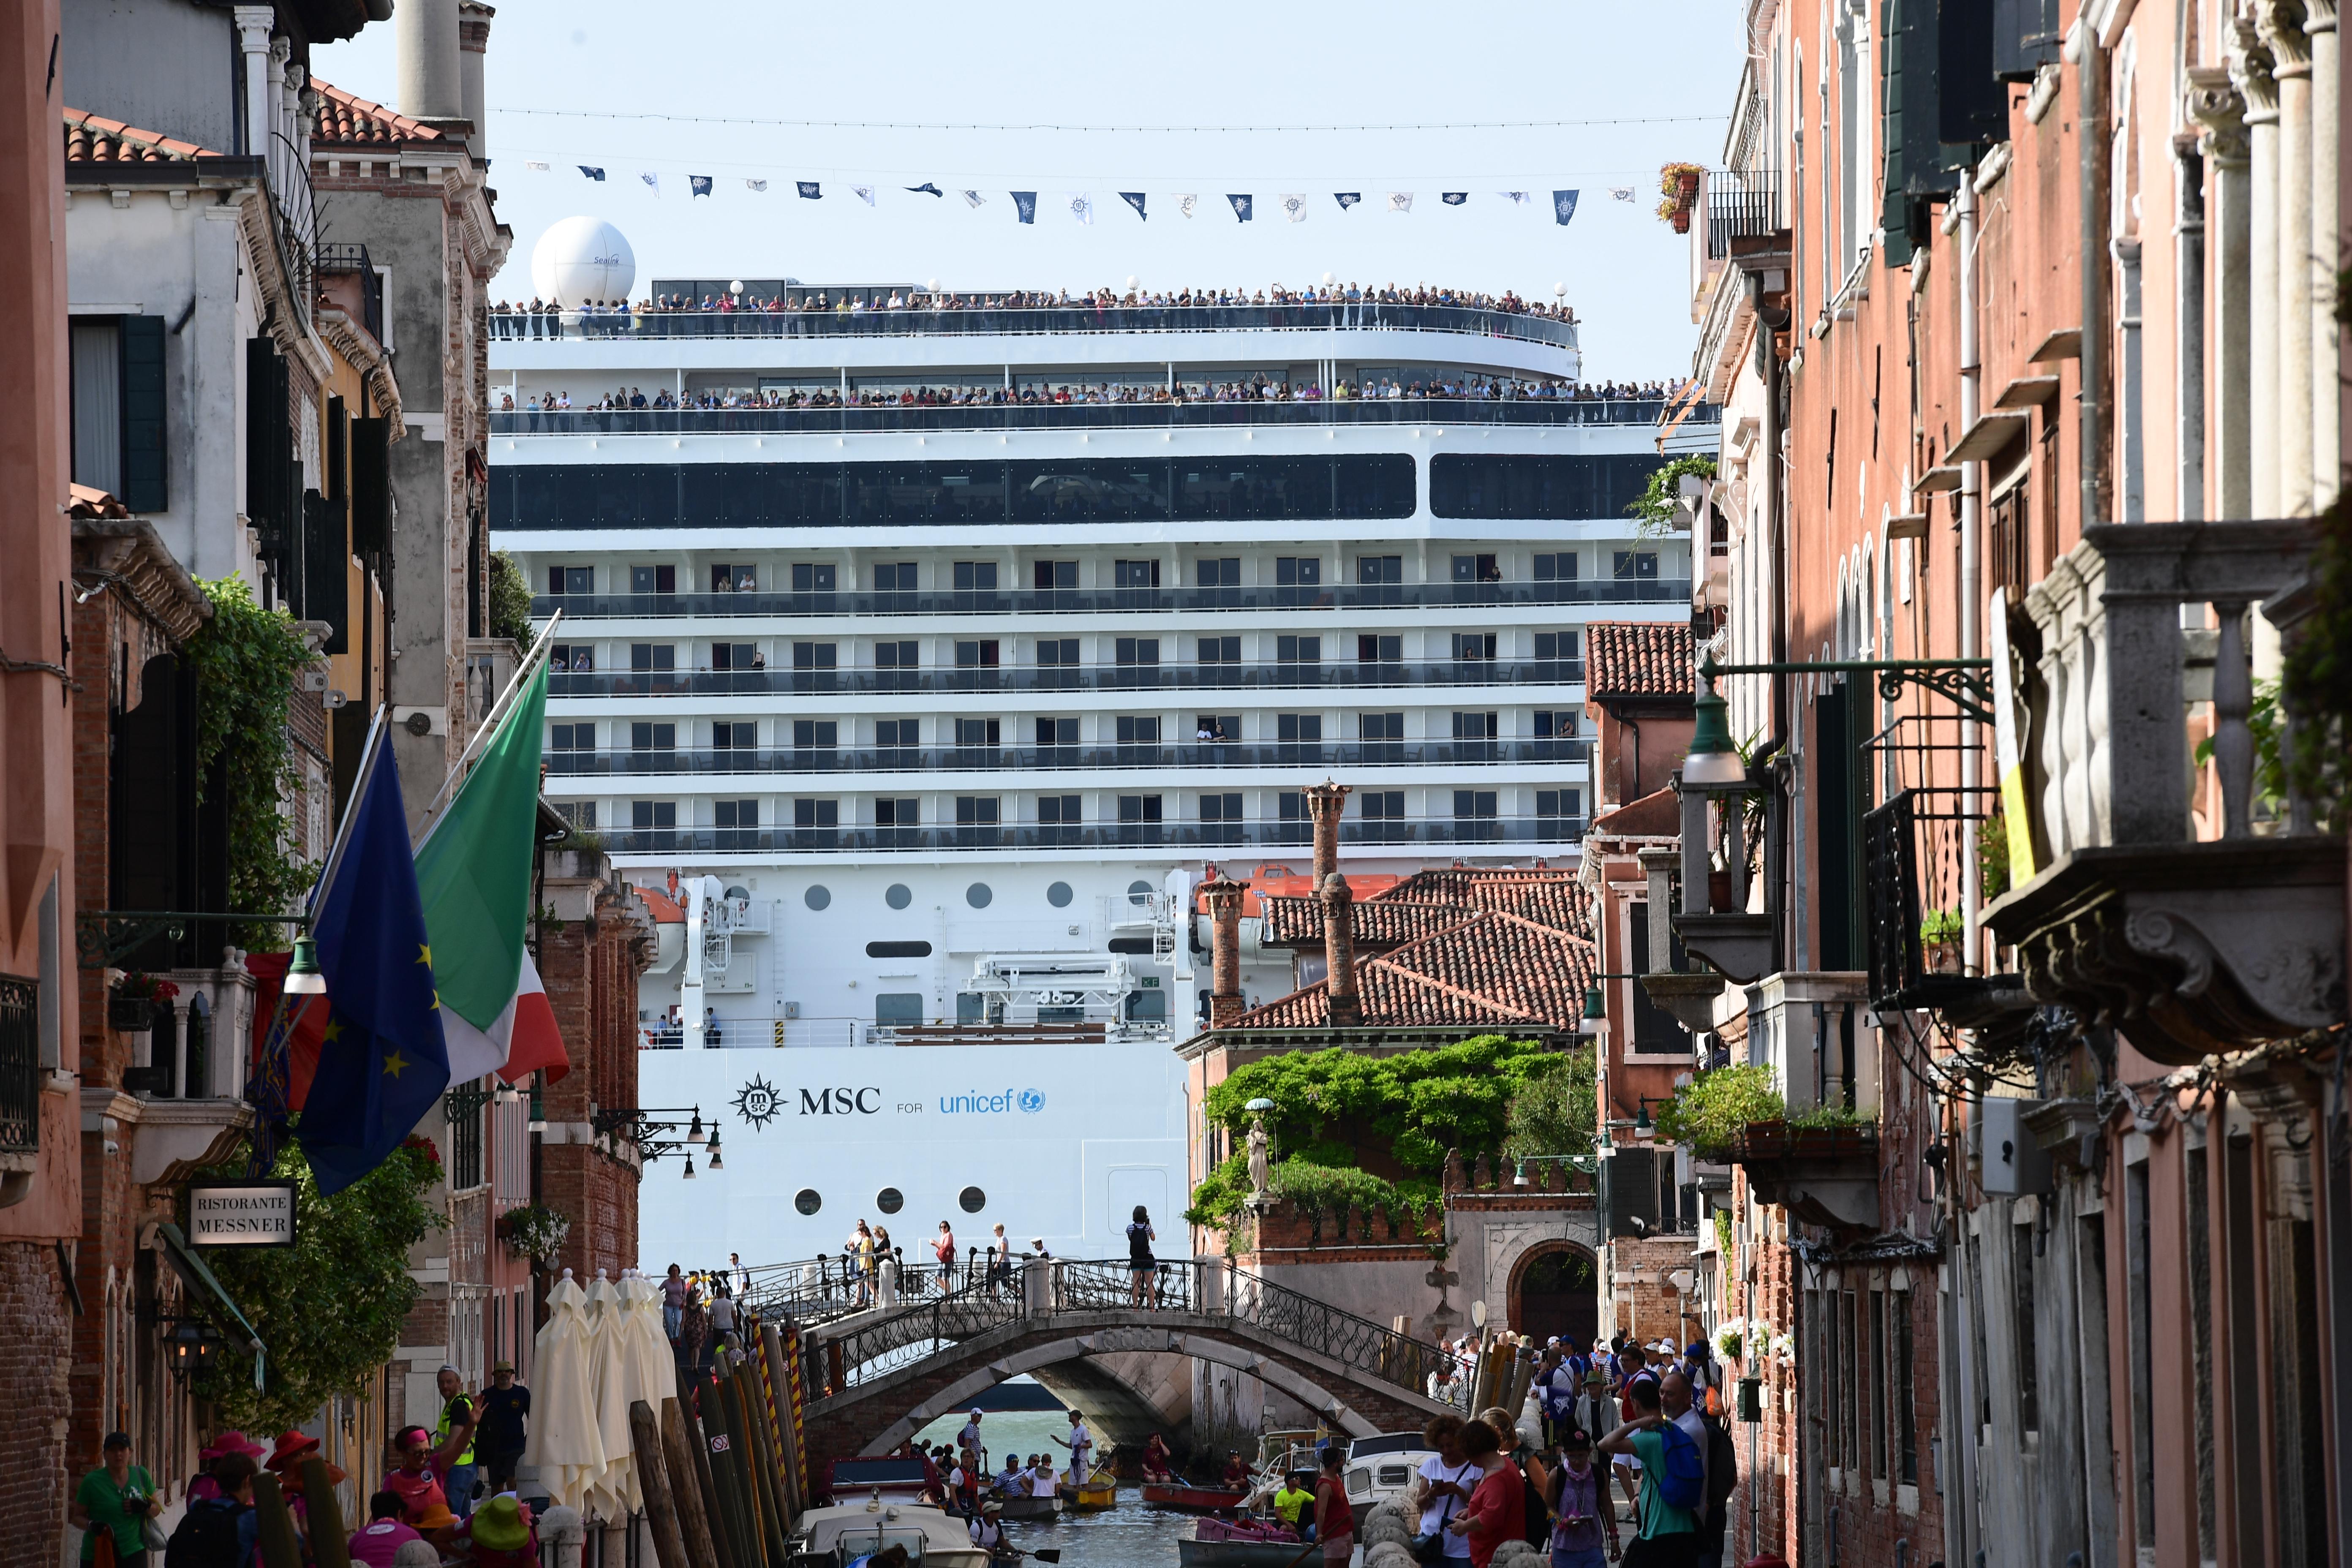 Kitiltották az ócenjárókat Velence történelmi központjából